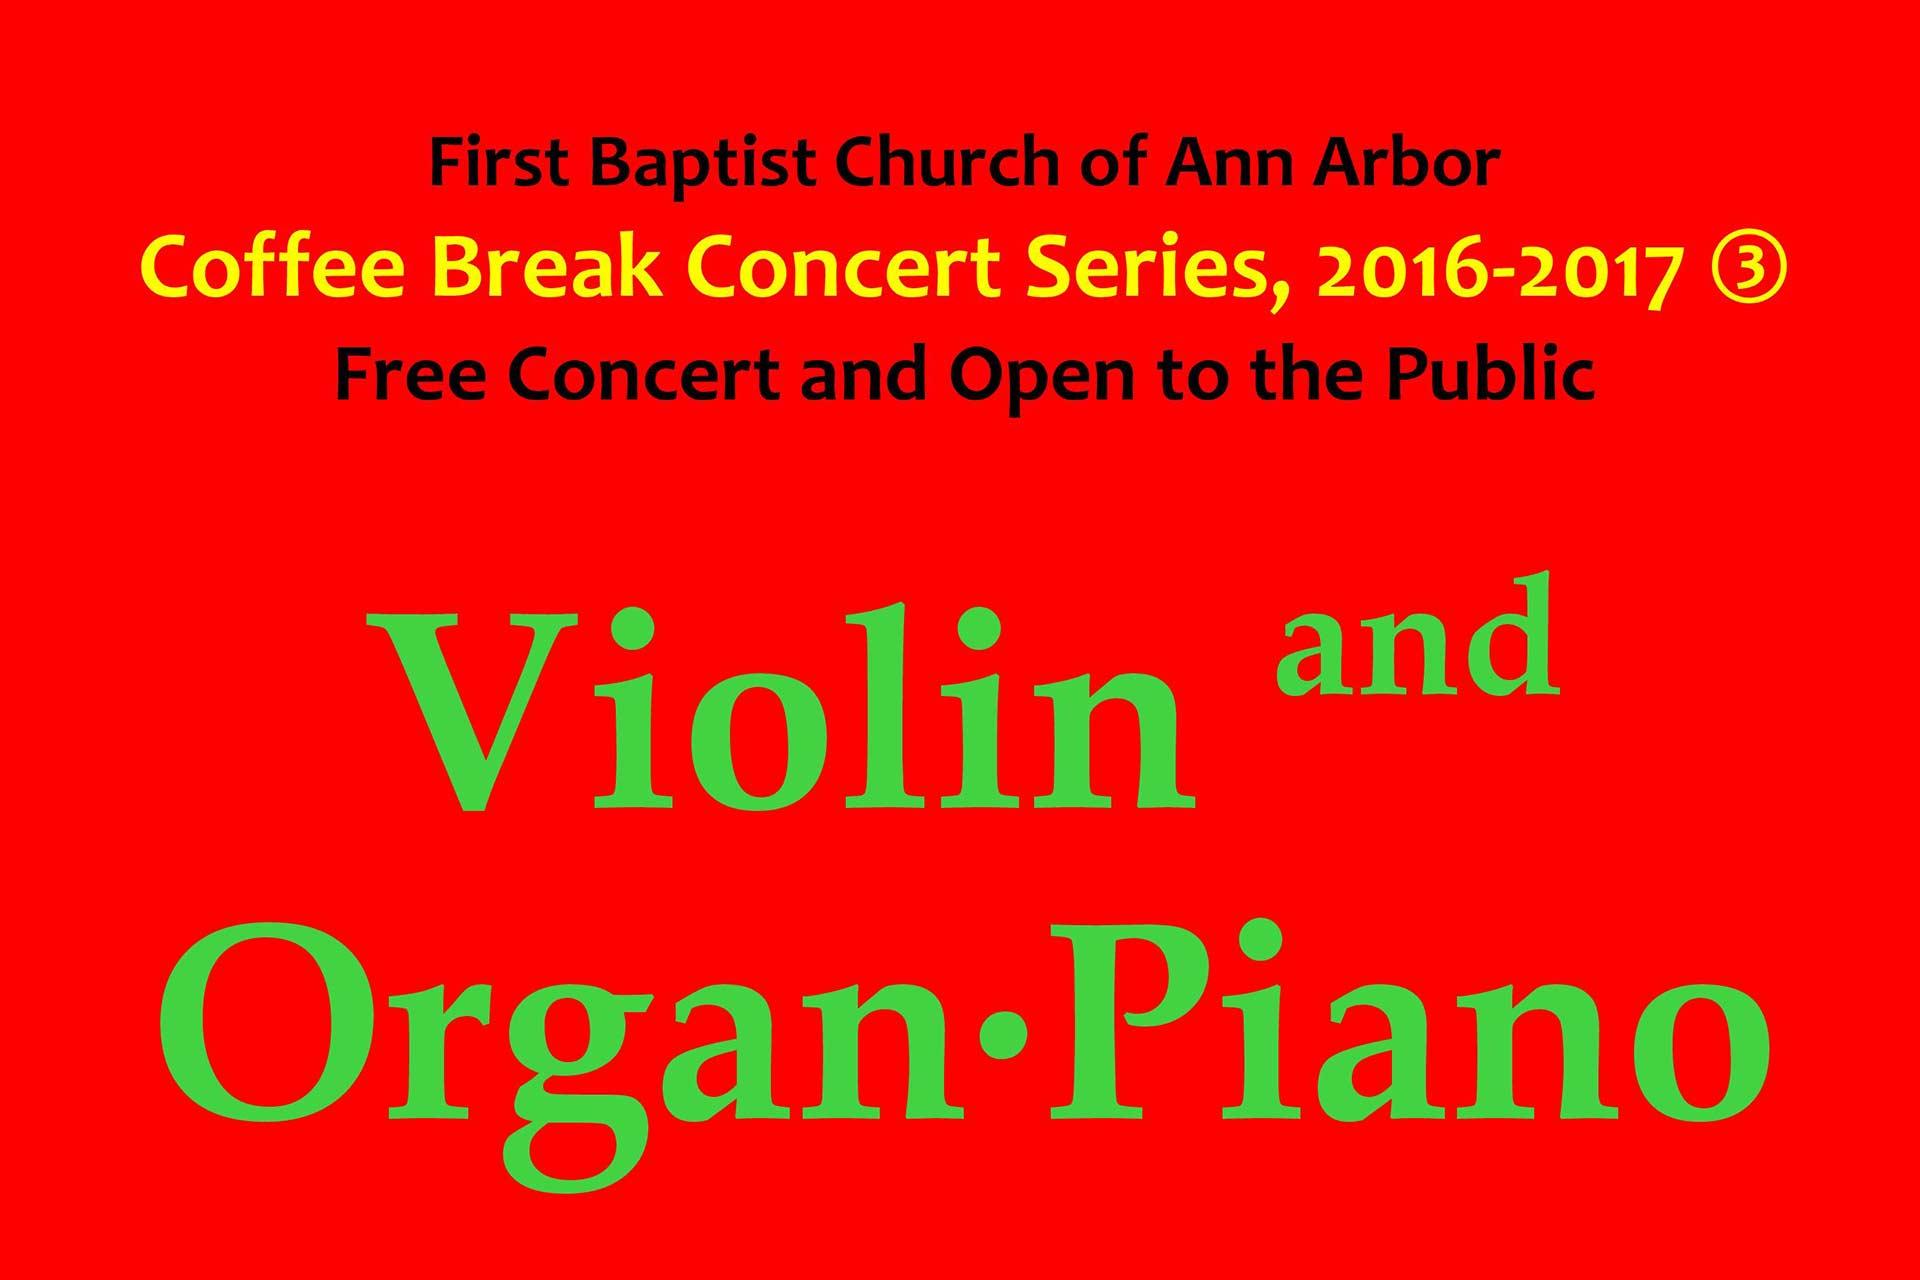 Featuring Rita Wang, violin and Shin-Ae Chun, organ and piano.